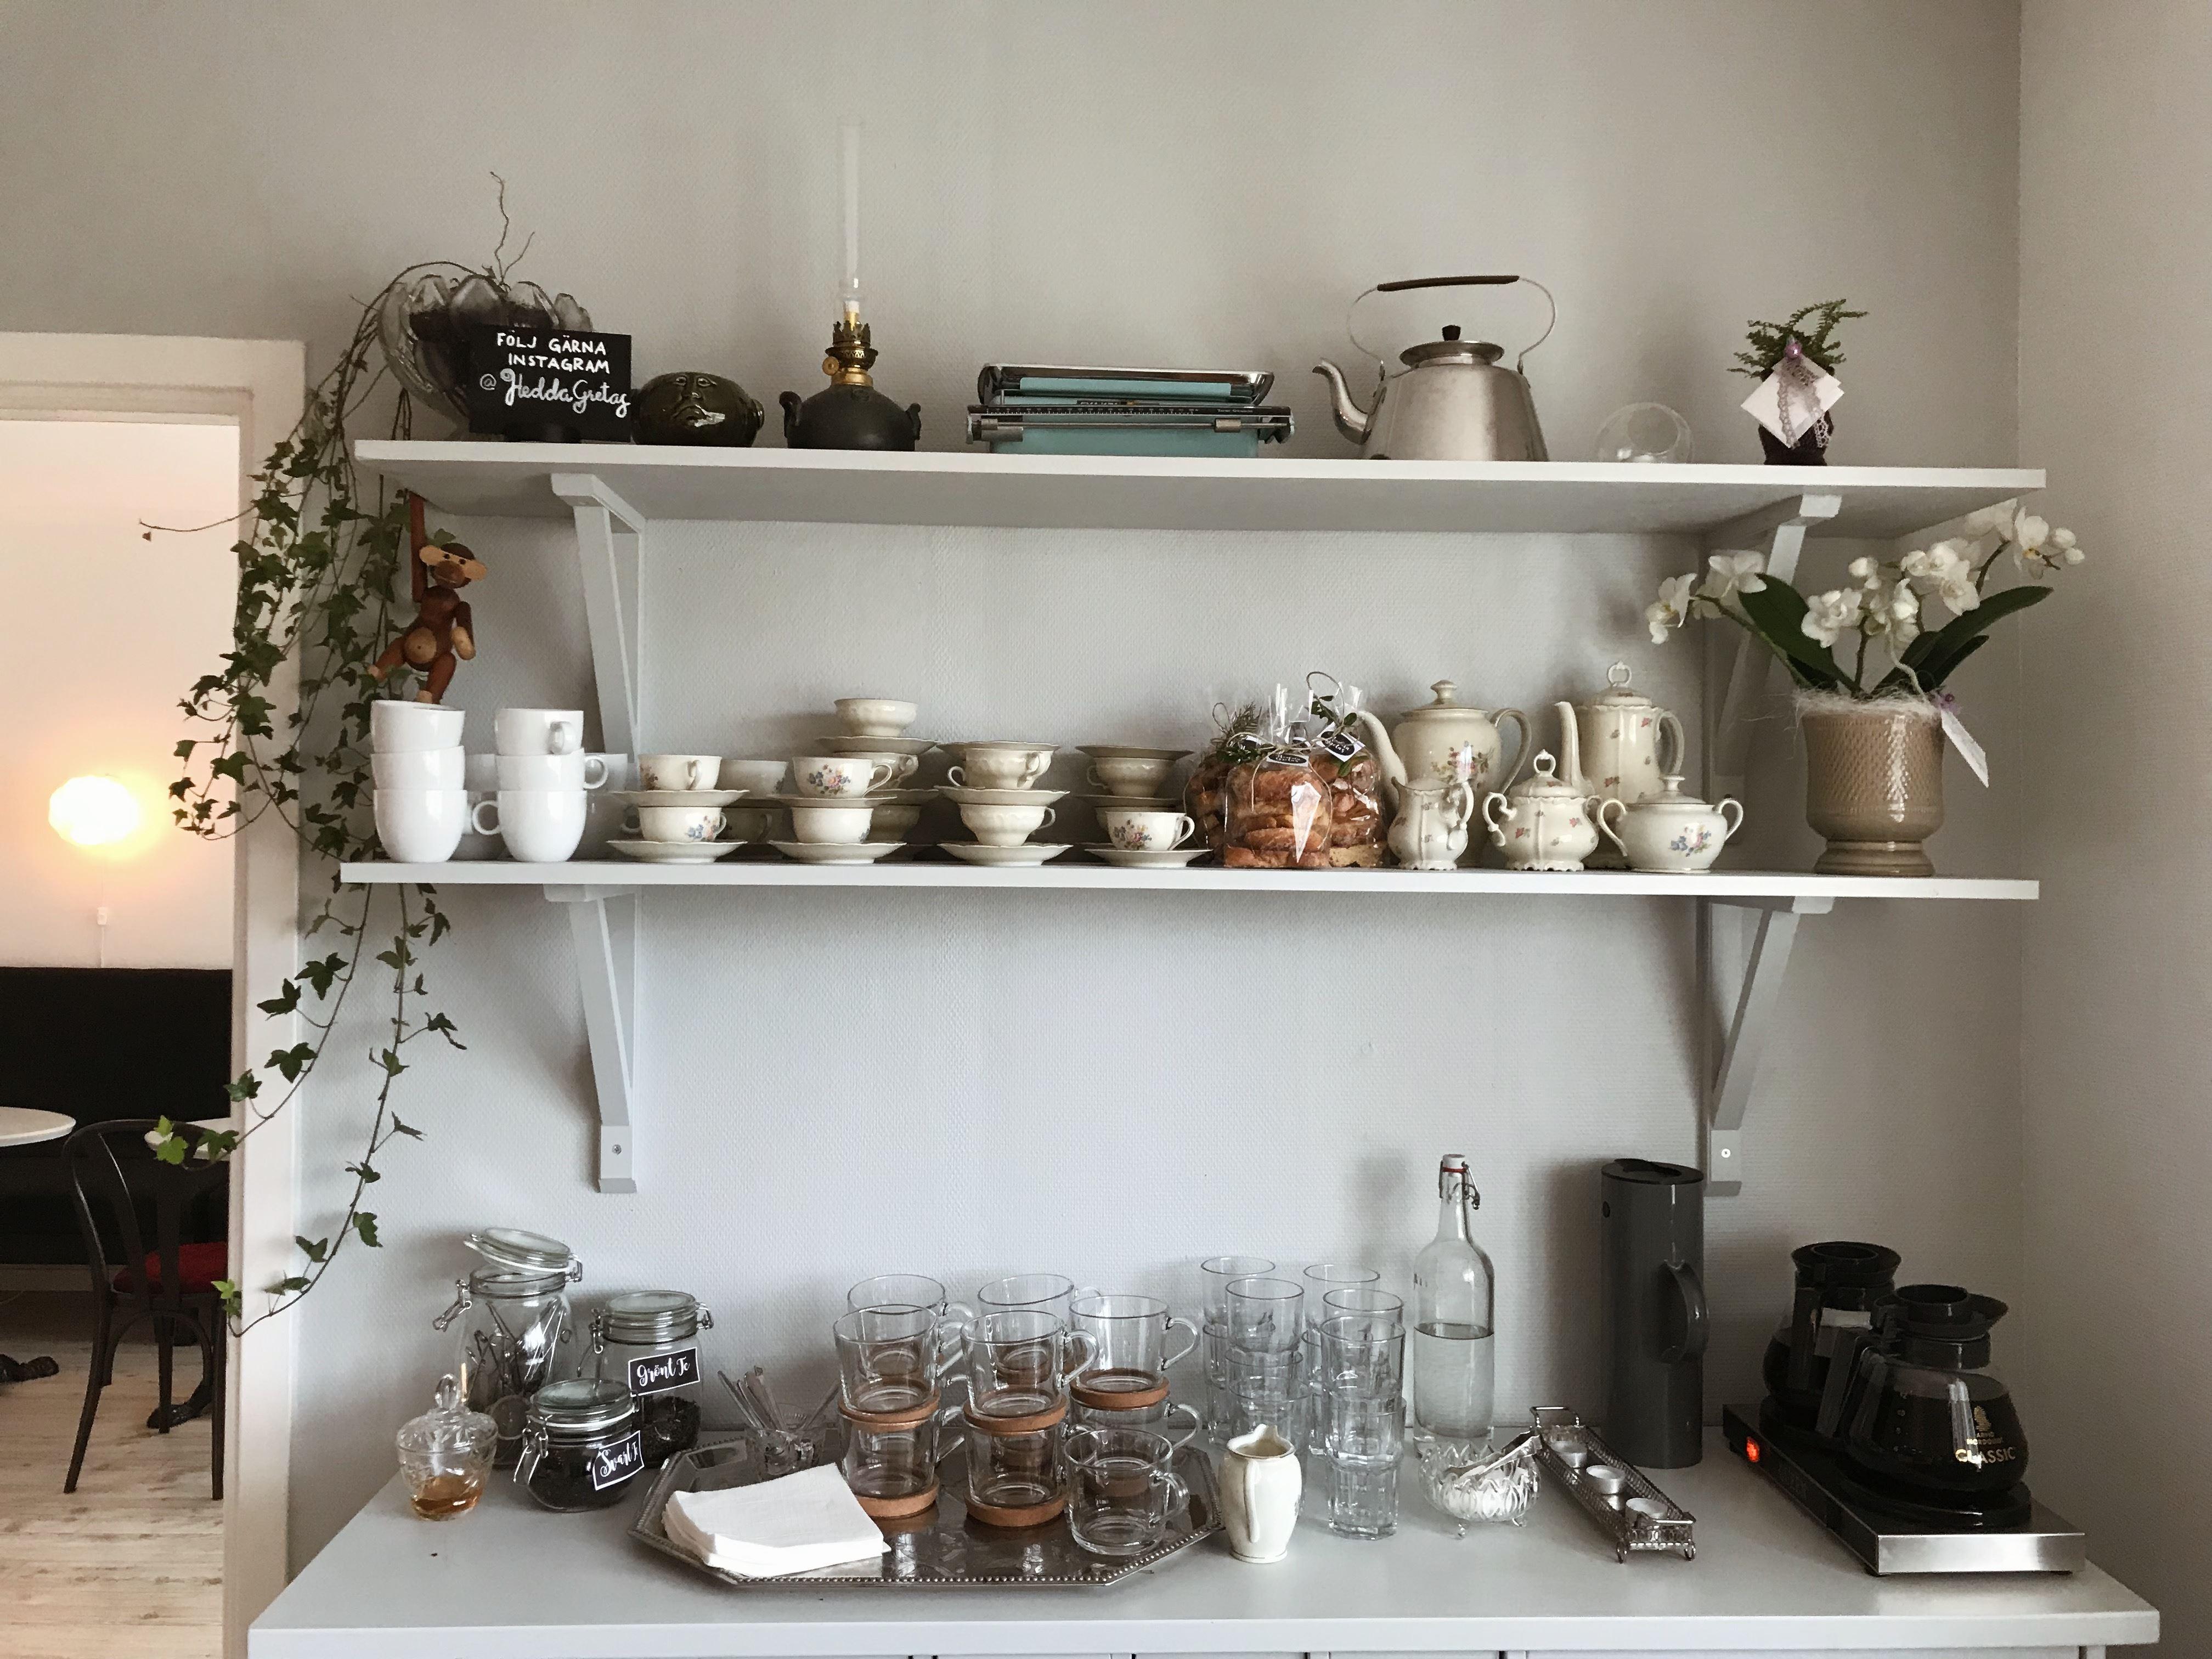 © Hedda Gretas, HeddaGretas Café & Stenugnsbageri